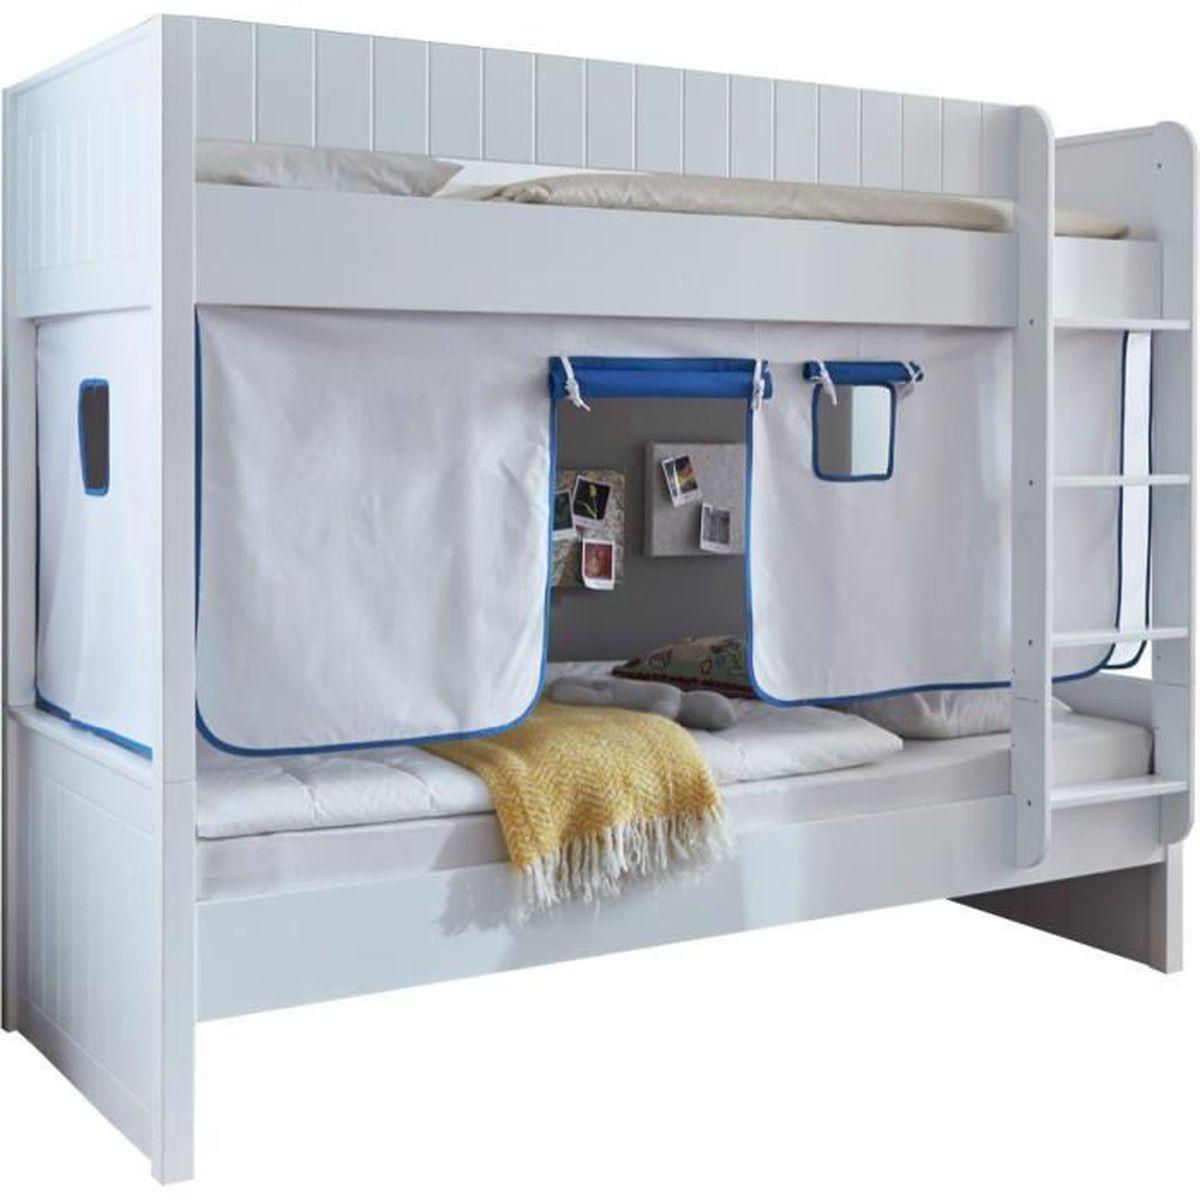 lit superpos en bois h tre massif avec tente de jeu coloris blanc blanc achat vente lits. Black Bedroom Furniture Sets. Home Design Ideas